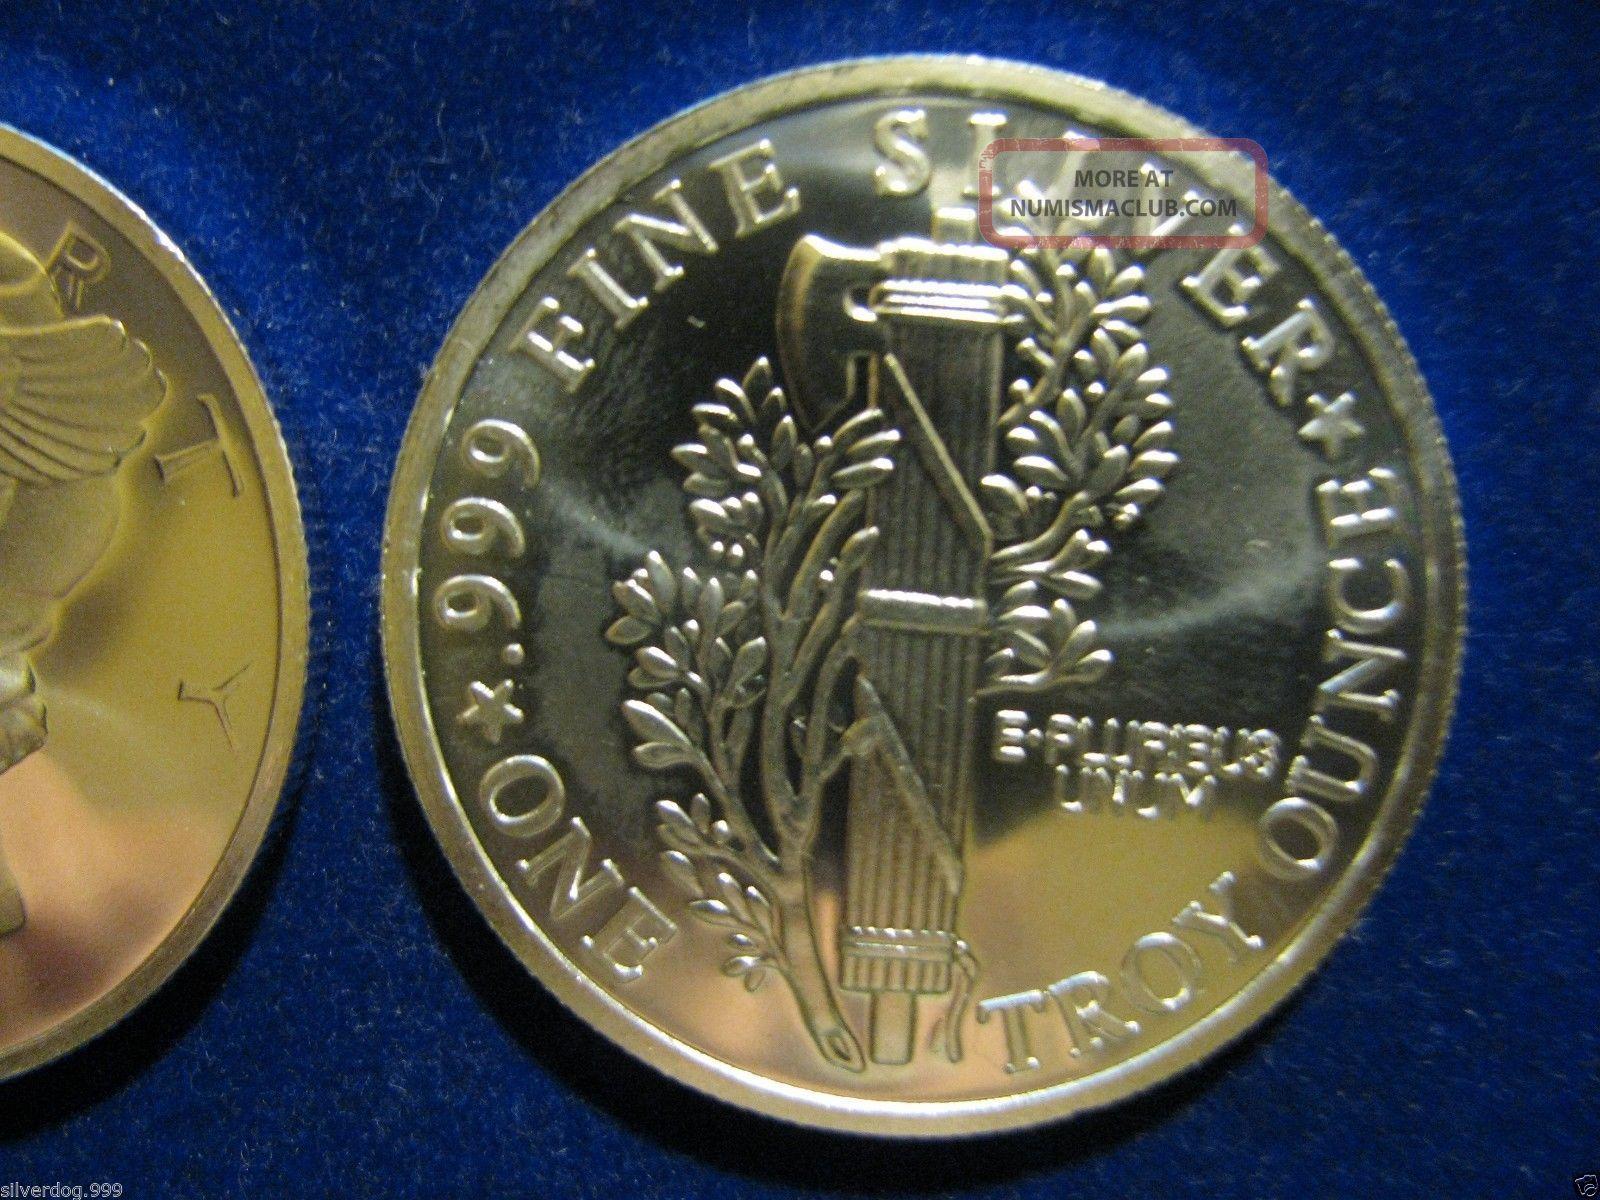 1 Oz Fine Silver One Dollar 1991